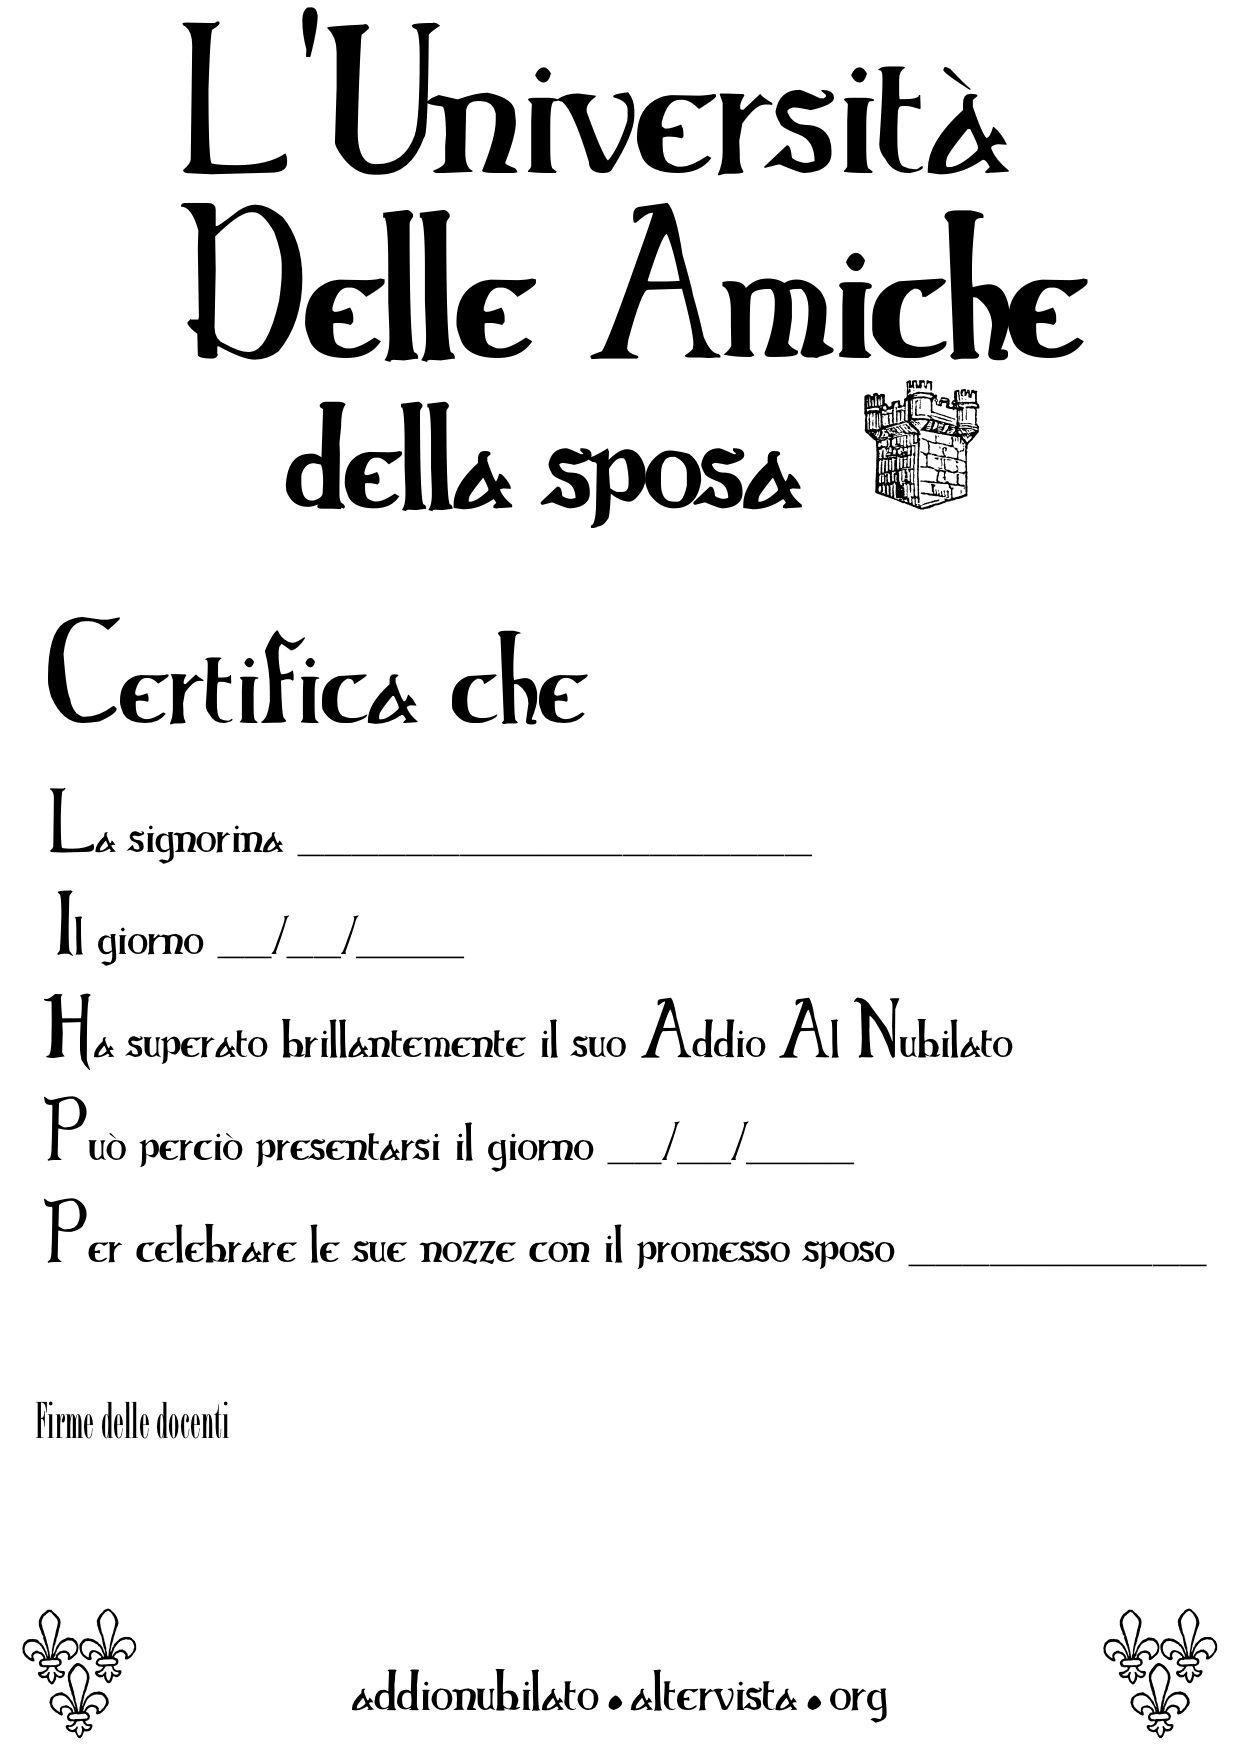 Diploma addio al nubilato http addionubilato - Idee scherzi addio al nubilato ...